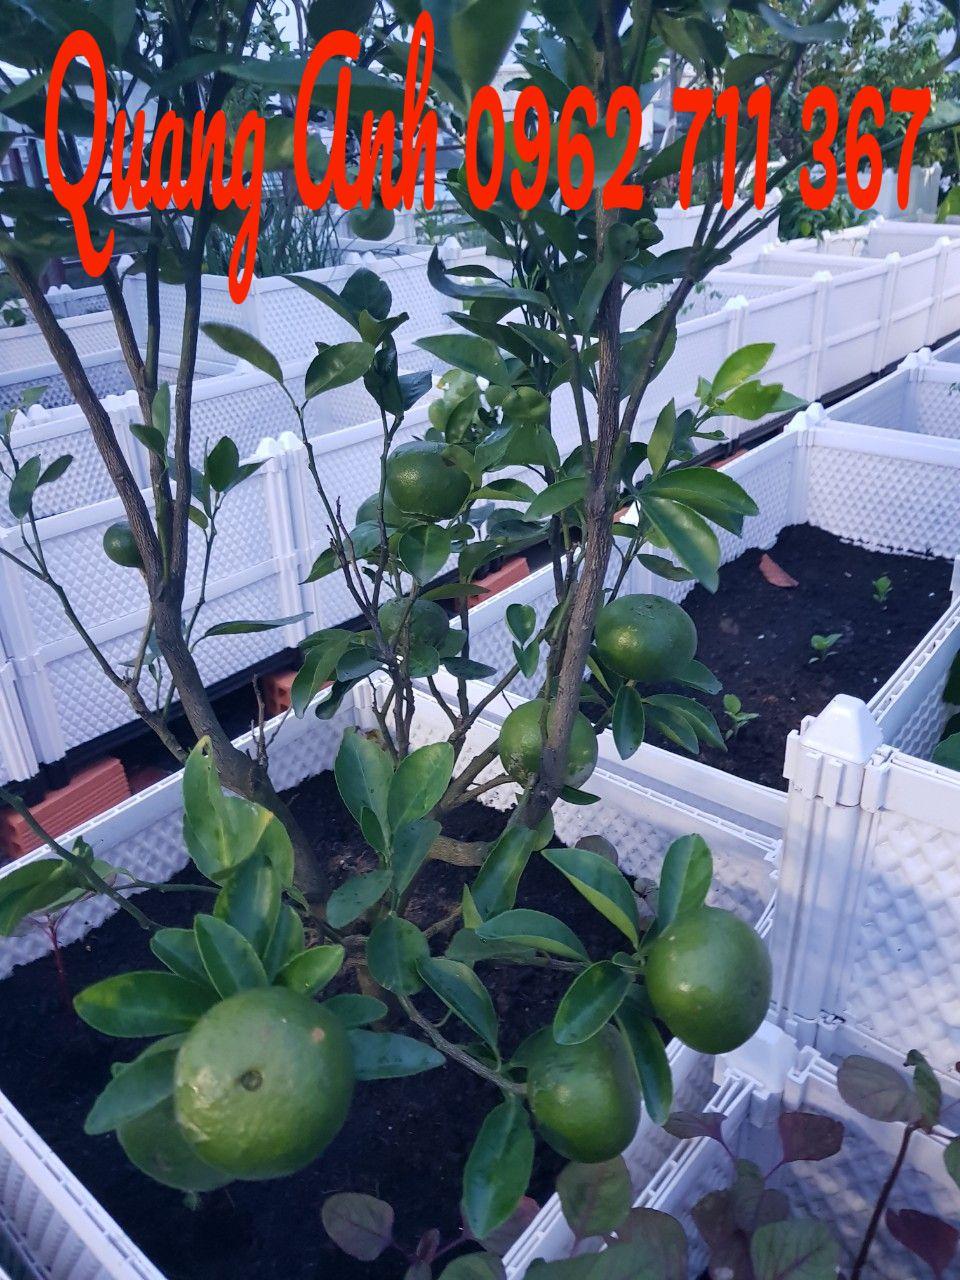 10 Lý do bạn nên yêu thích trồng rau trồng cây tại nhà